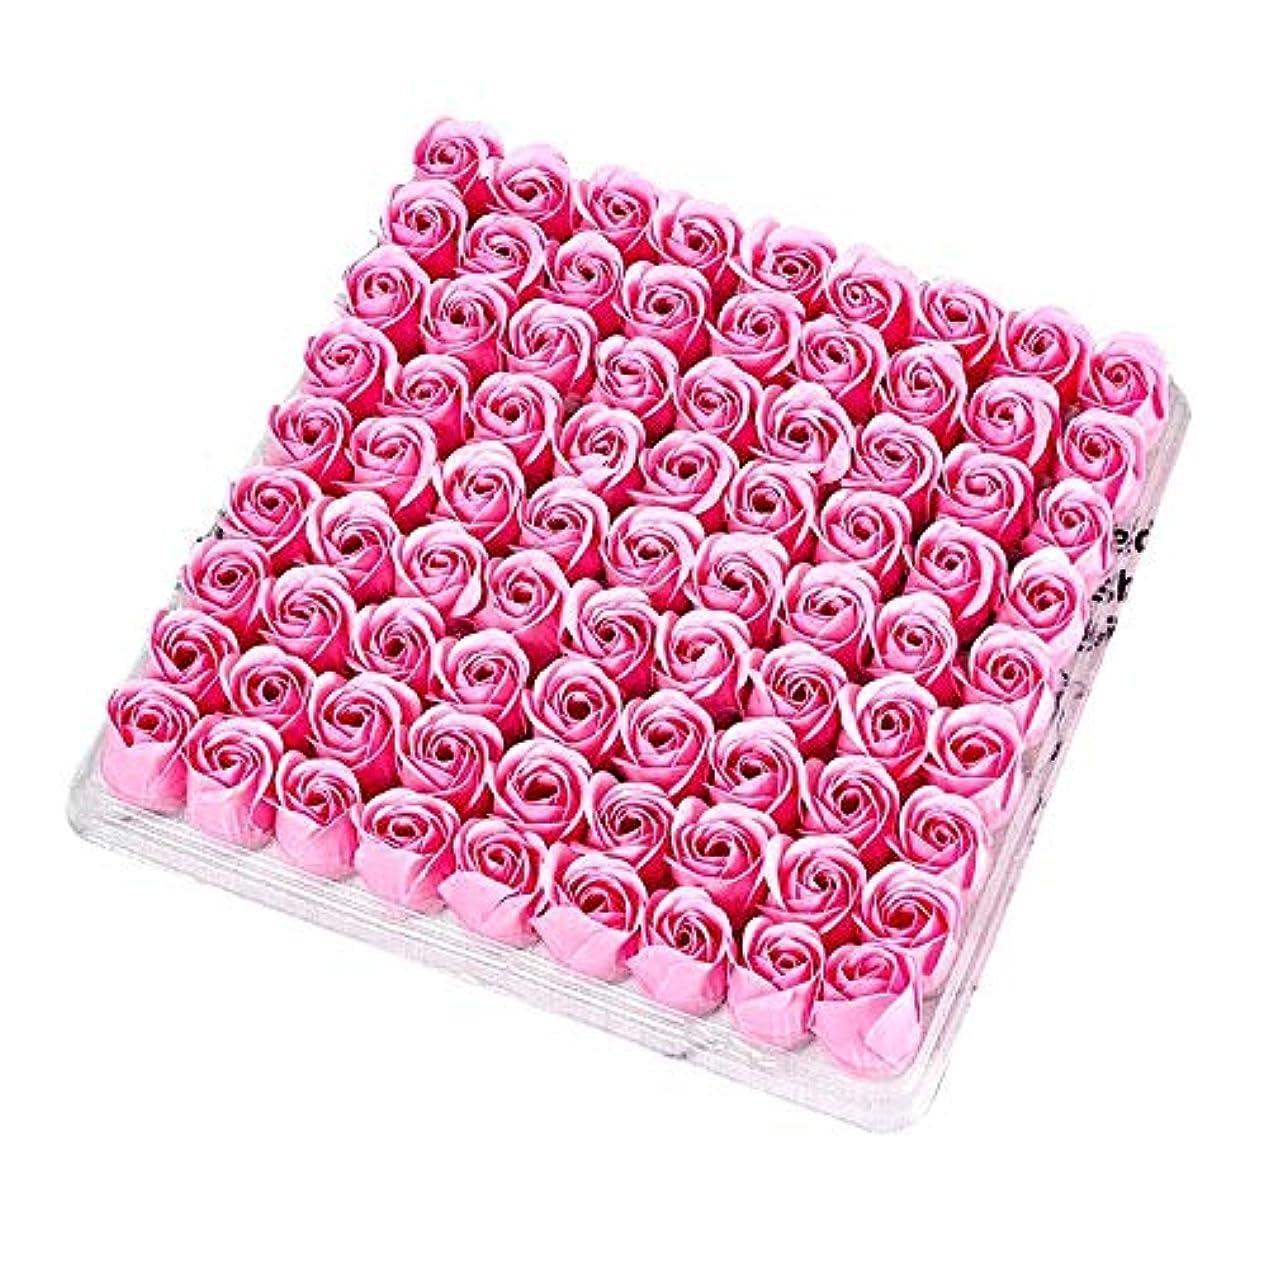 硬さユニークな設置RETYLY 81個の薔薇、バス ボディ フラワー?フローラルの石けん 香りのよいローズフラワー エッセンシャルオイル フローラルのお客様への石鹸 ウェディング、パーティー、バレンタインデーの贈り物、ピンク